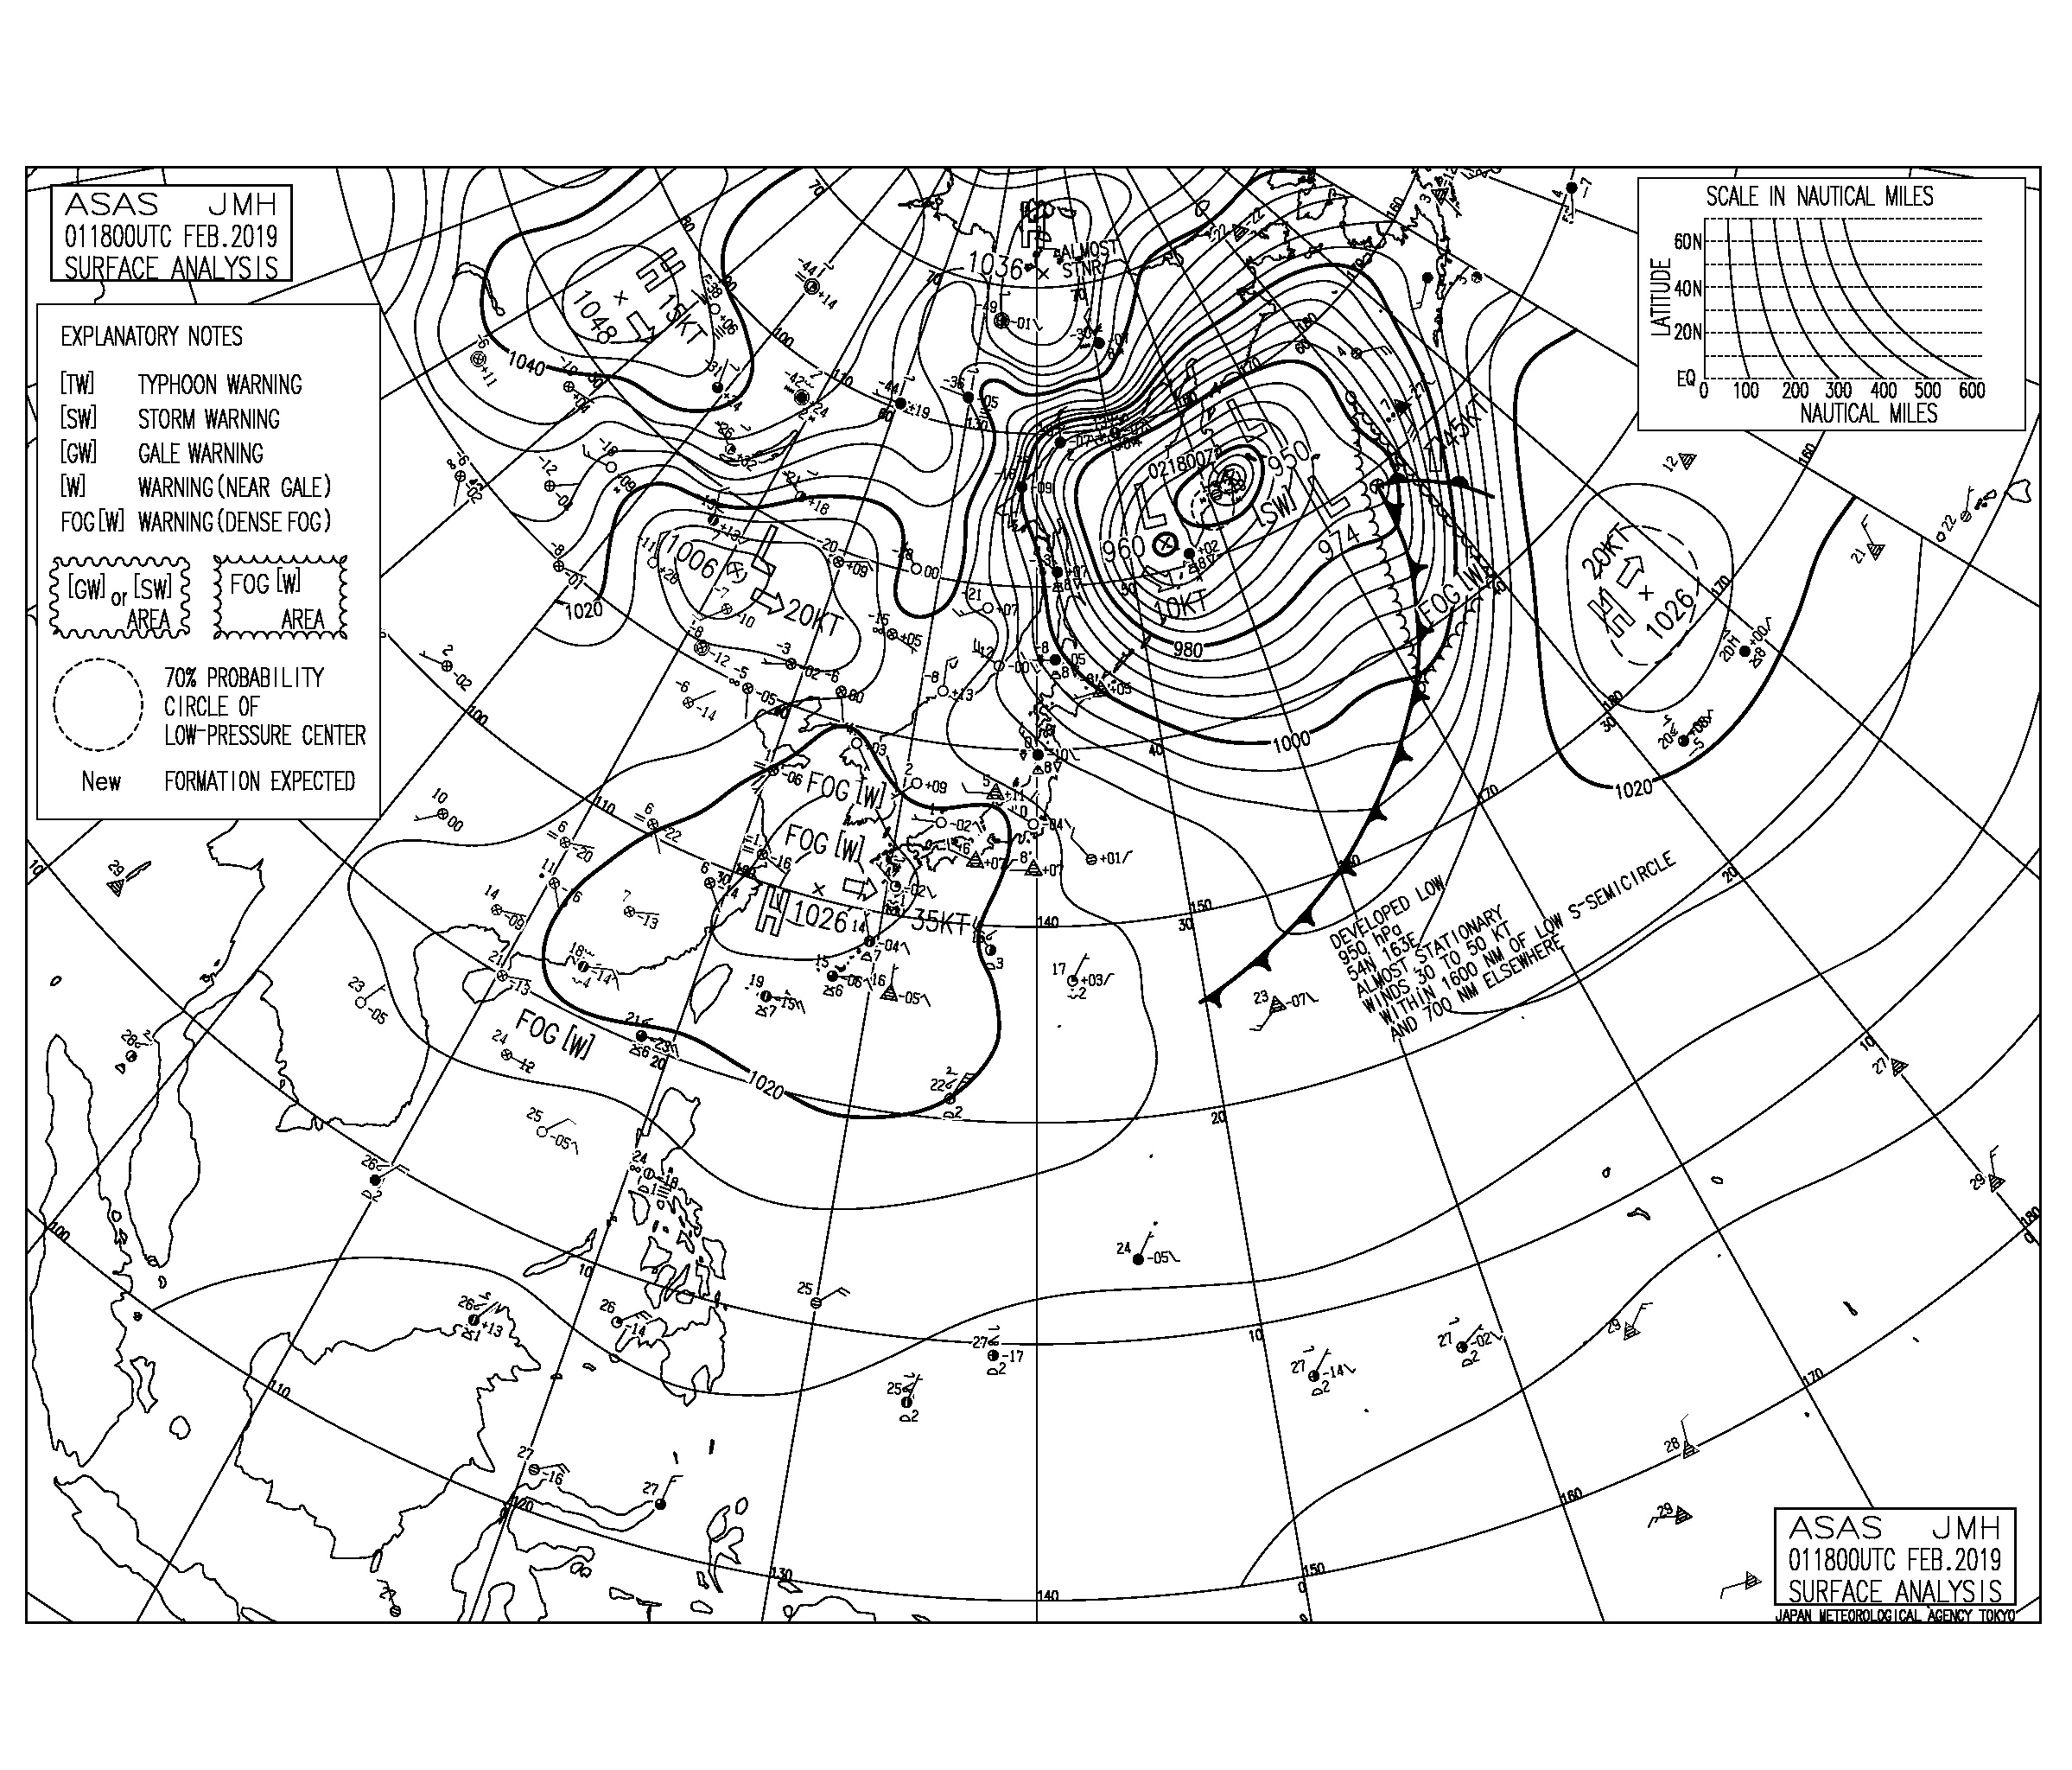 北東うねりは落ち着き風も弱く暖かい【2019.2.2】